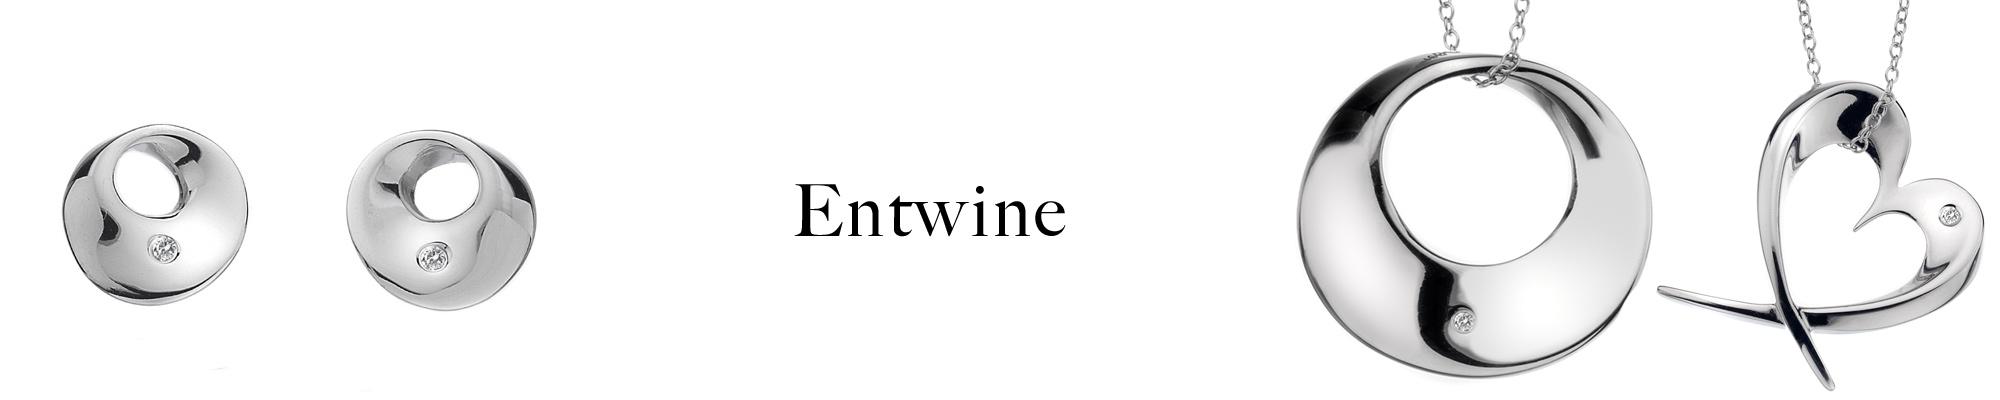 Kolekce Entwine